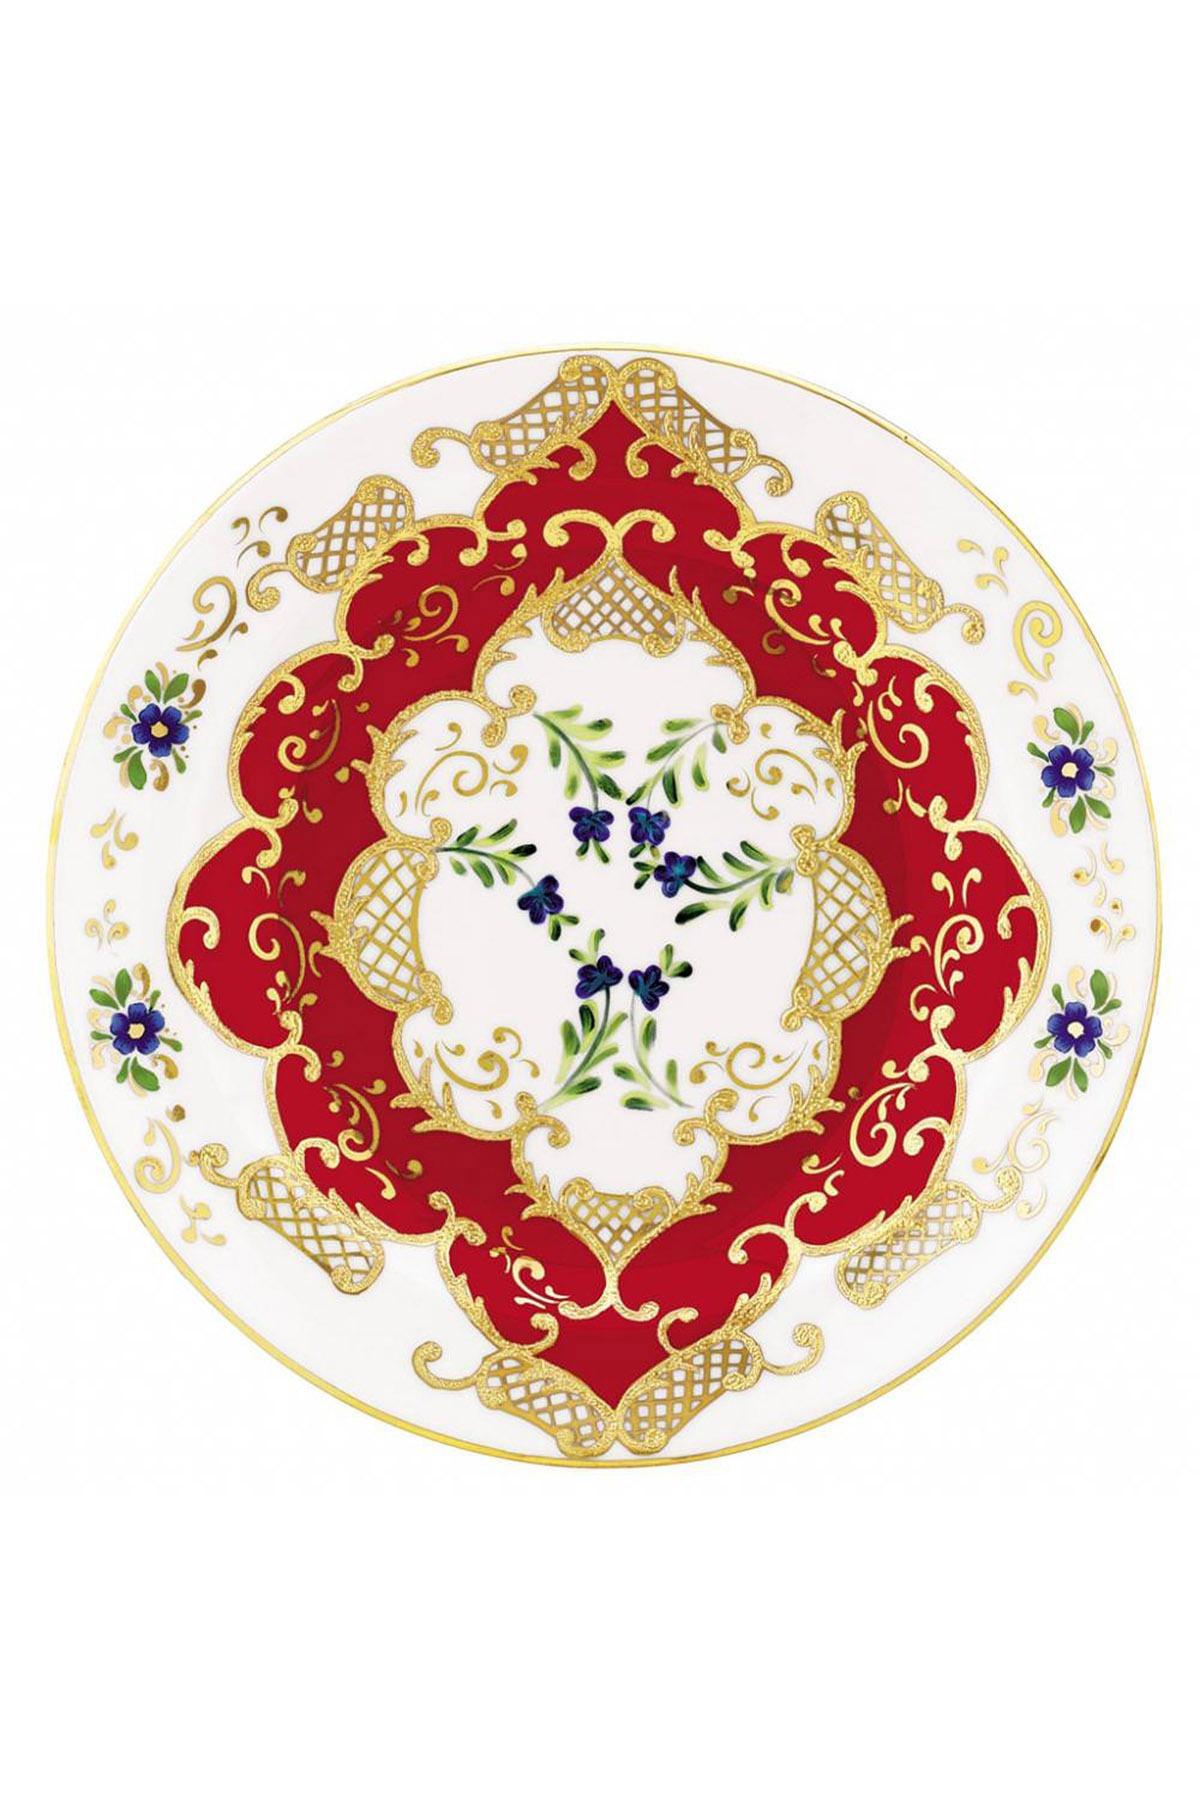 Kütahya Porselen - Kütahya Porselen Lenger 25 Cm Duvar Tabağı Kirmizi